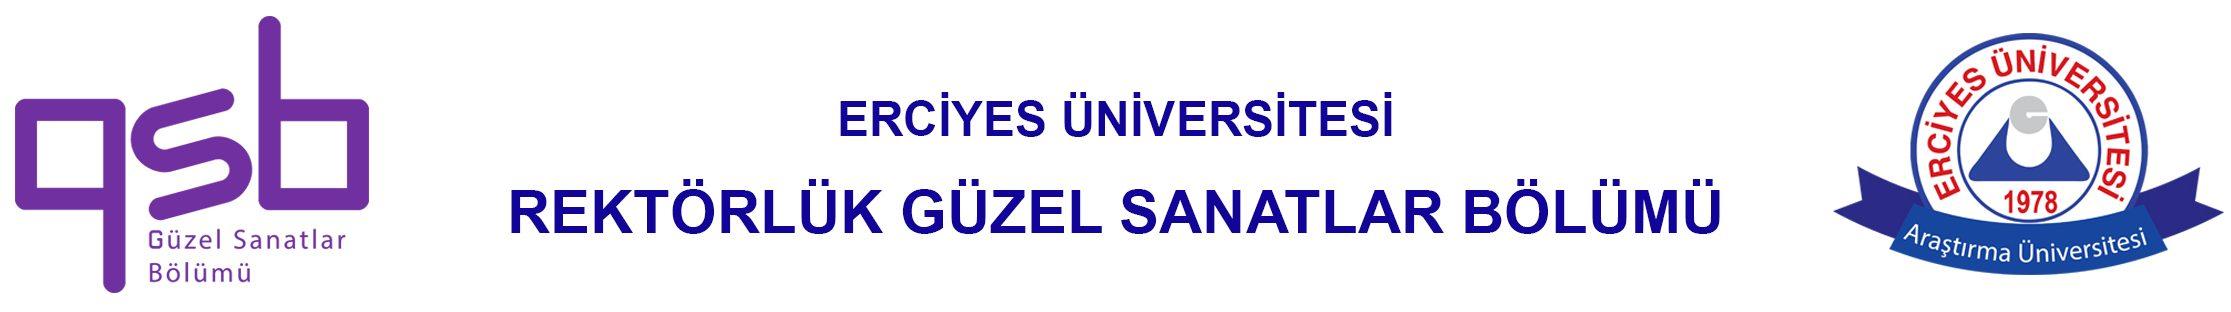 Erciyes Üniversitesi Güzel Sanatlar Bölümü